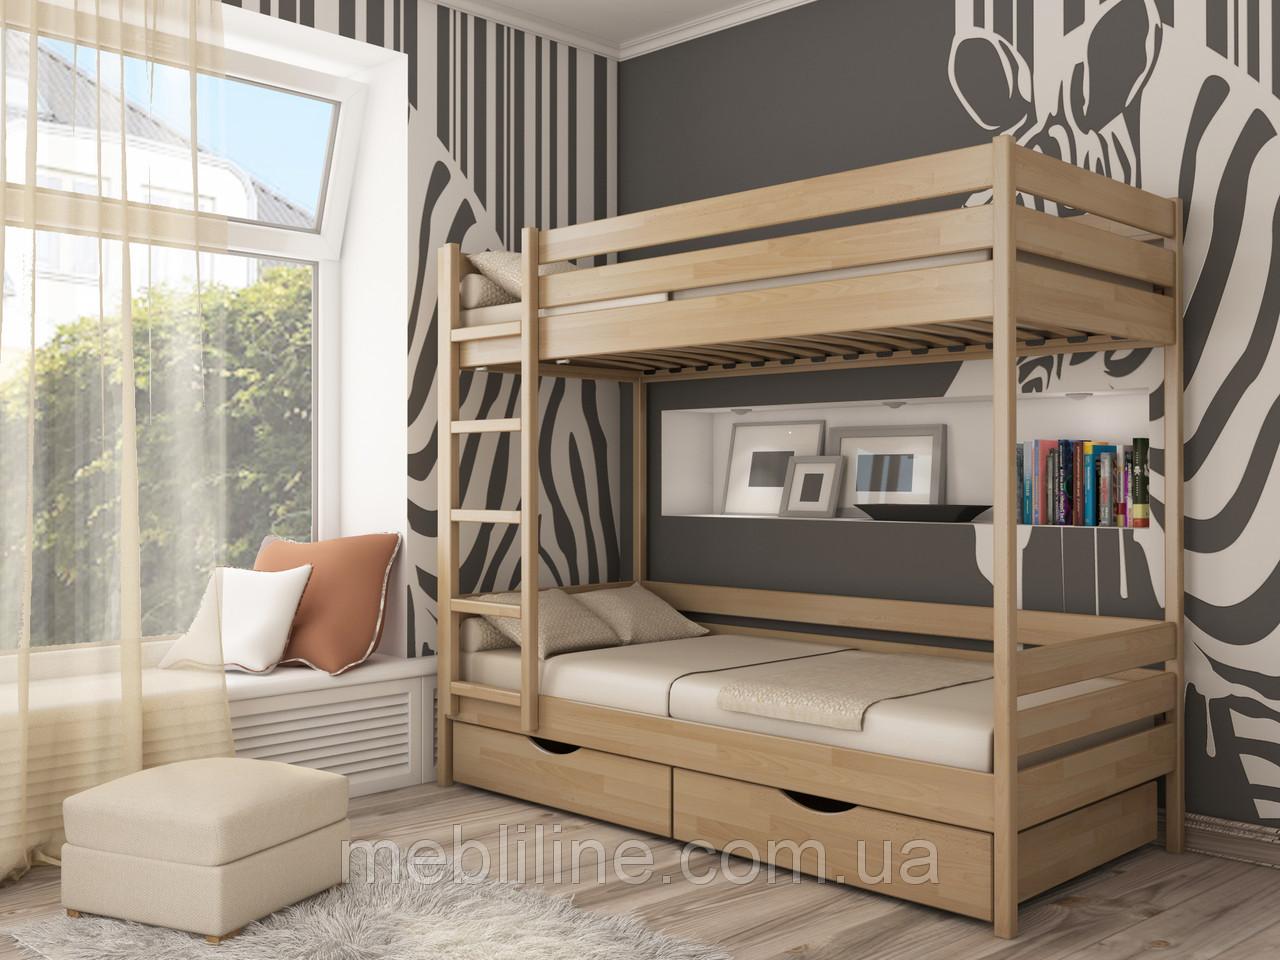 """Двухъярусная кровать """"Дуэт"""" 1 Сорт"""